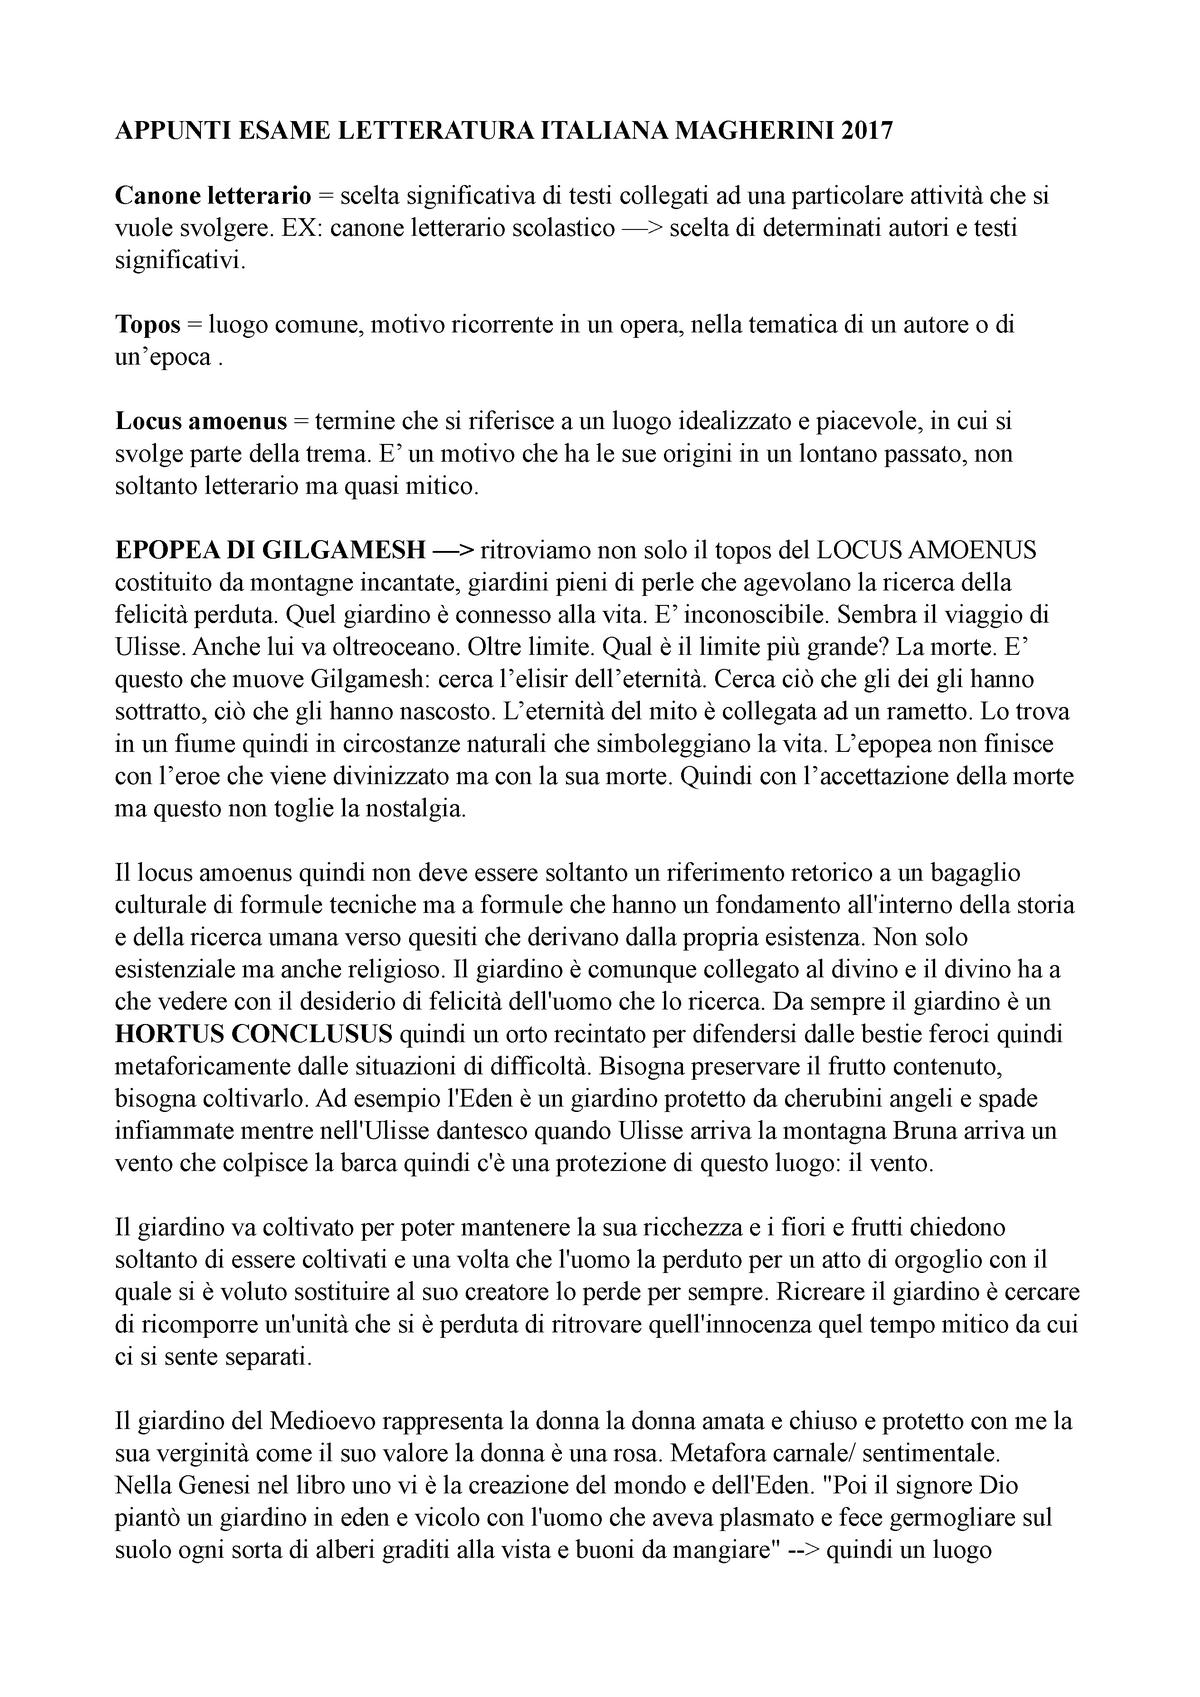 Appunti-Magherini - Appunti tutte - B004638: Letteratura